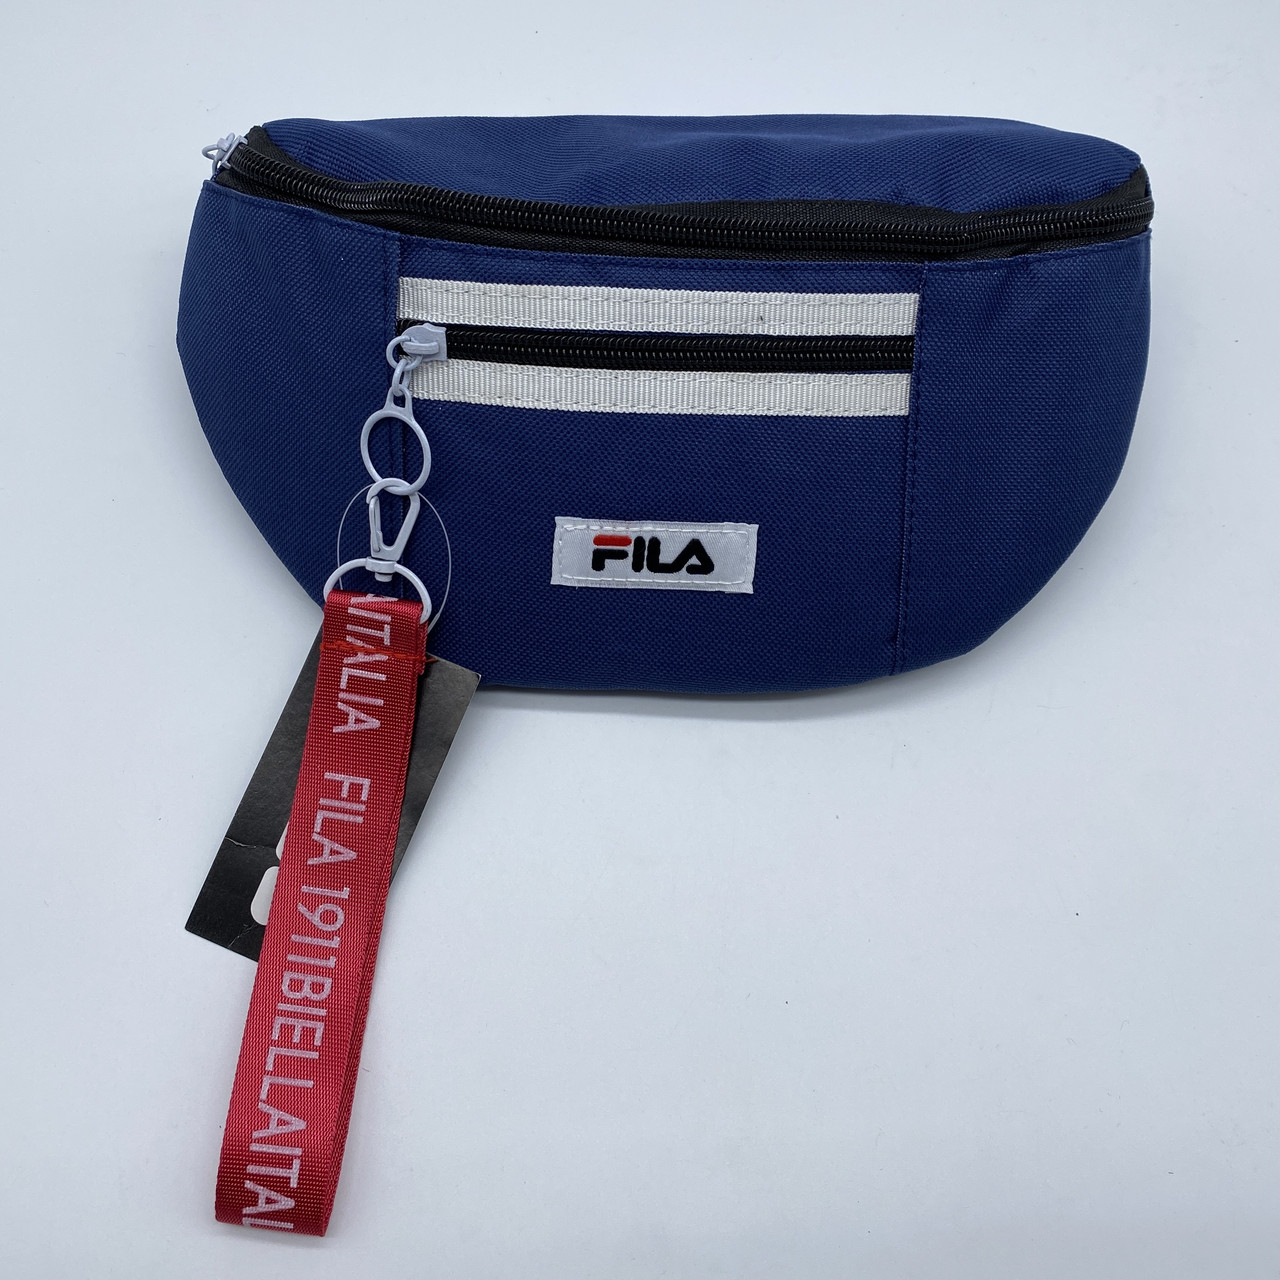 Женская бананка FILA поясная сумочка фила синяя